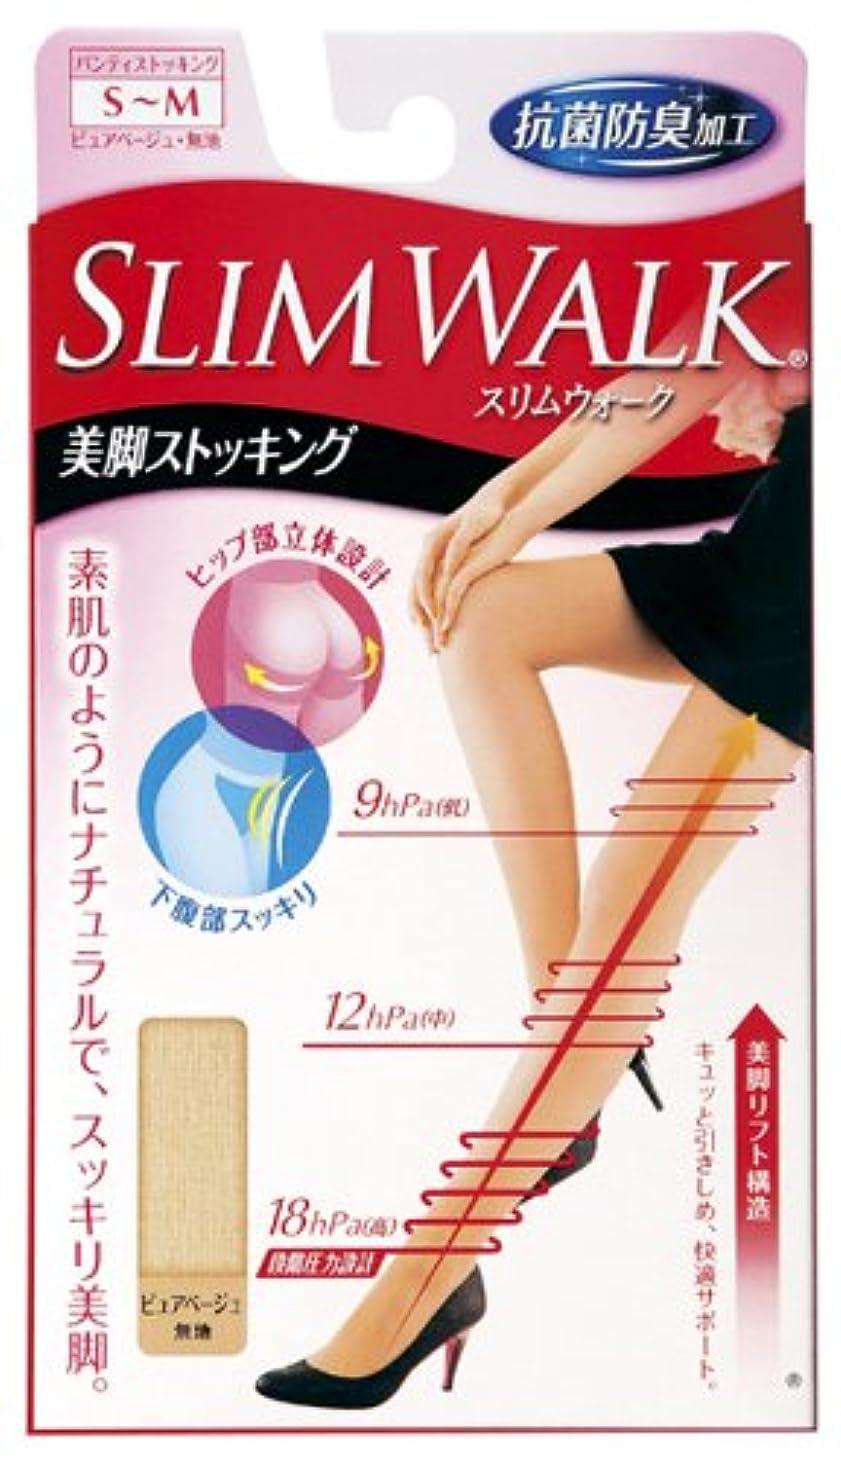 コーヒー武装解除ペニースリムウォーク 美脚ストッキング S-Mサイズ ピュアベージュ(SLIM WALK,pantyhose,SM)